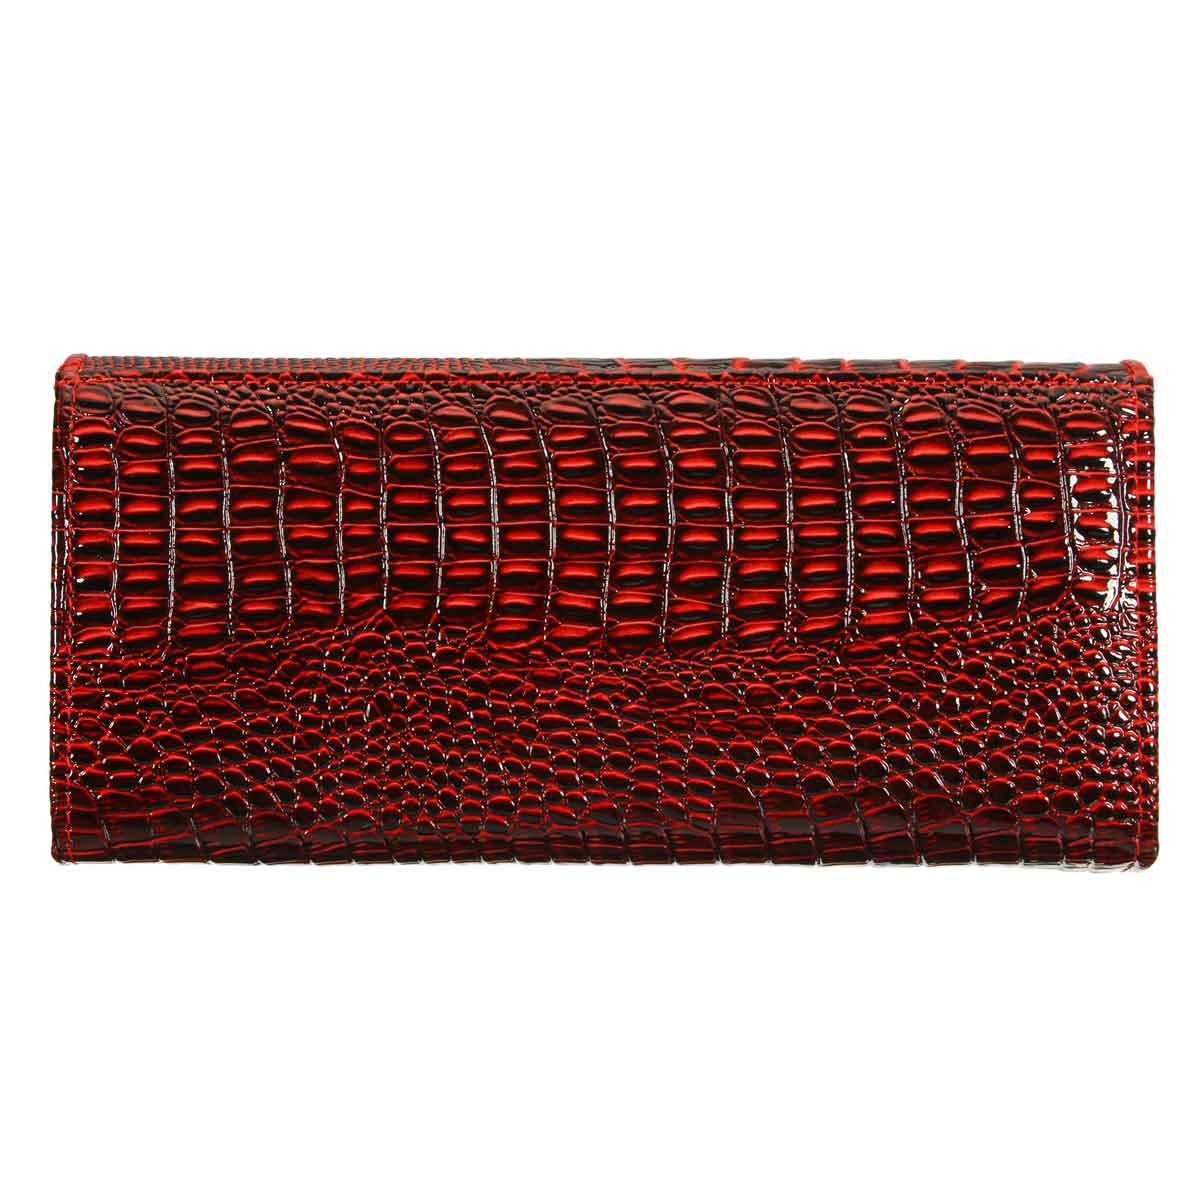 de crocodilo em relevo longo Key Word 1 : 3D Alligator Leather Wallet Women Wallet And